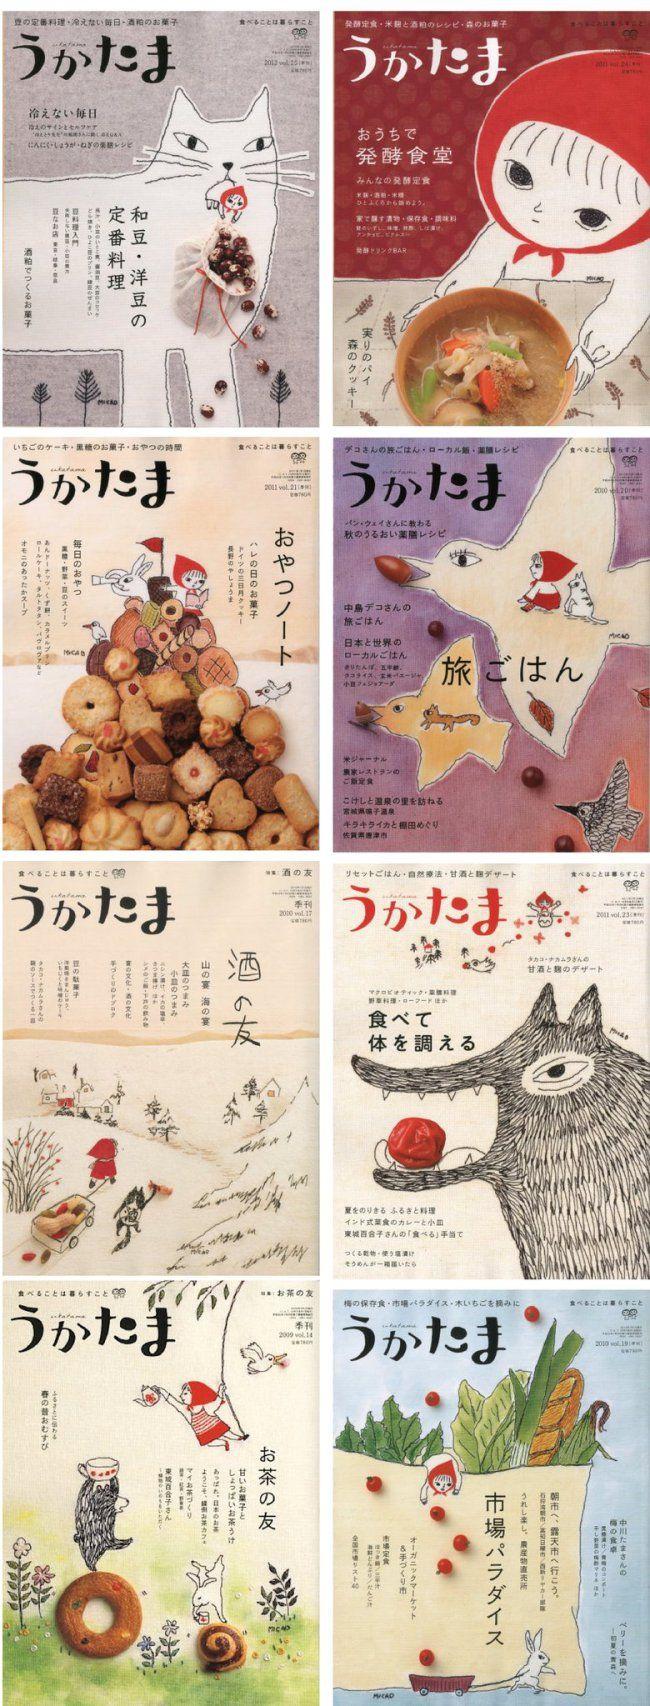 In stile giapponese dolce e bella ricca disegno di copertina di illustrazione fotografica rivista | ADS MyDesy ispirazione